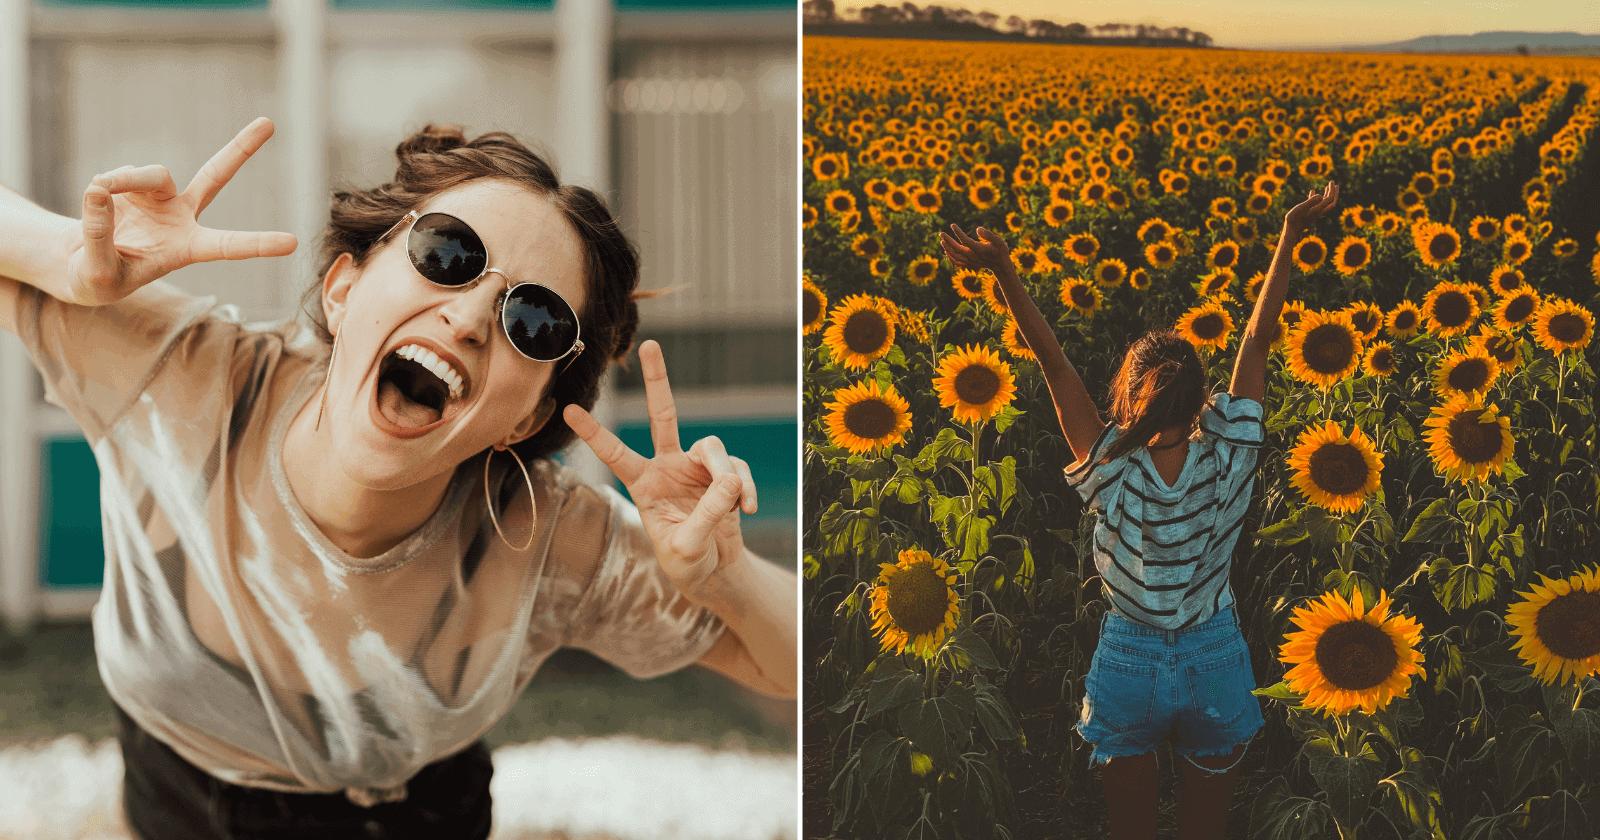 88 frases de alegria para te trazer mais FELICIDADE